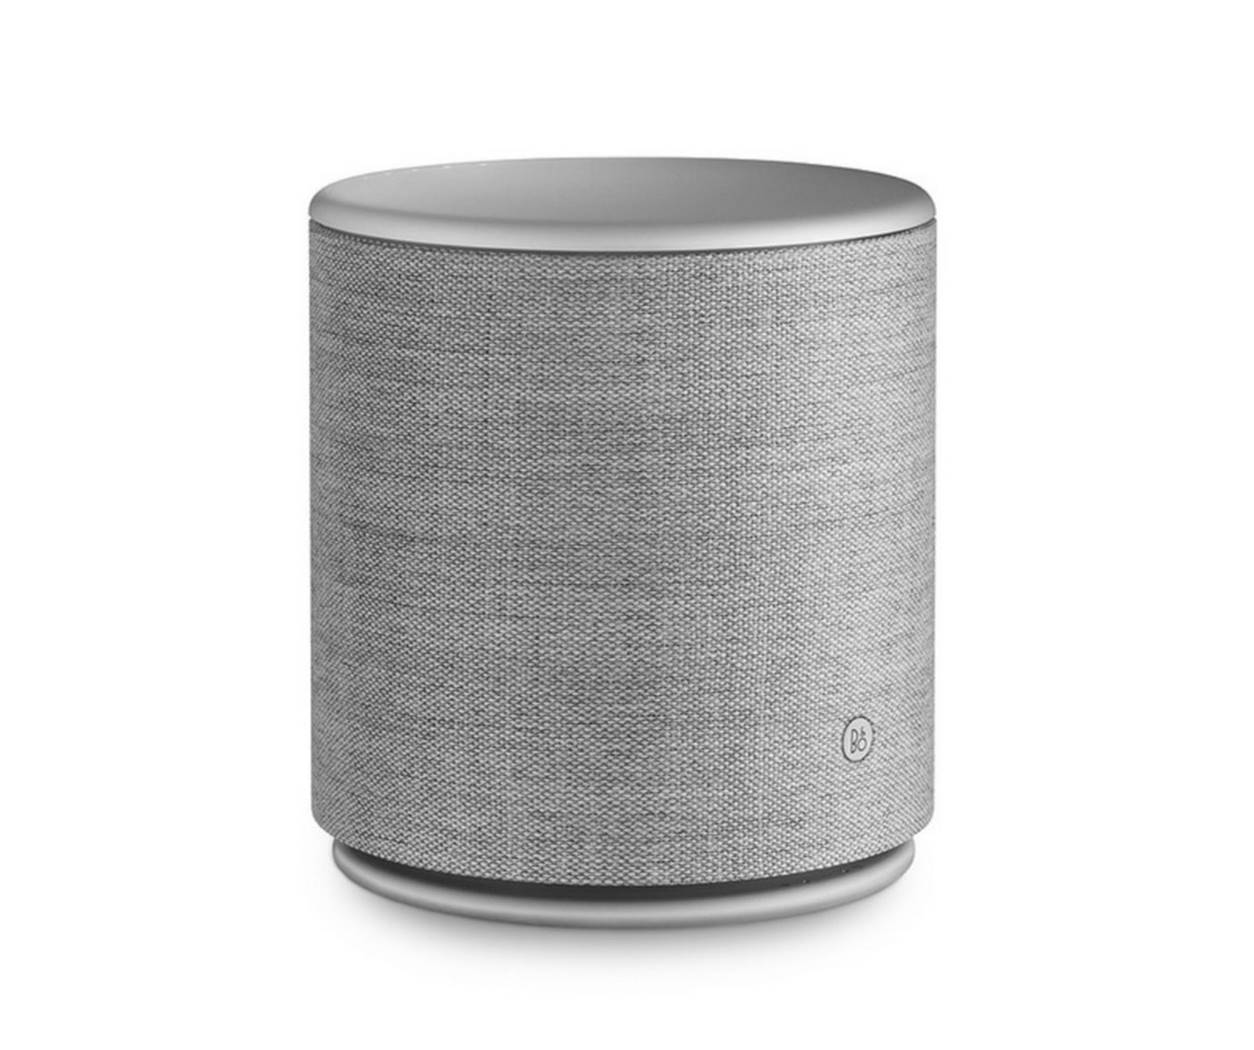 B&O M5 Multi-Room Speaker System